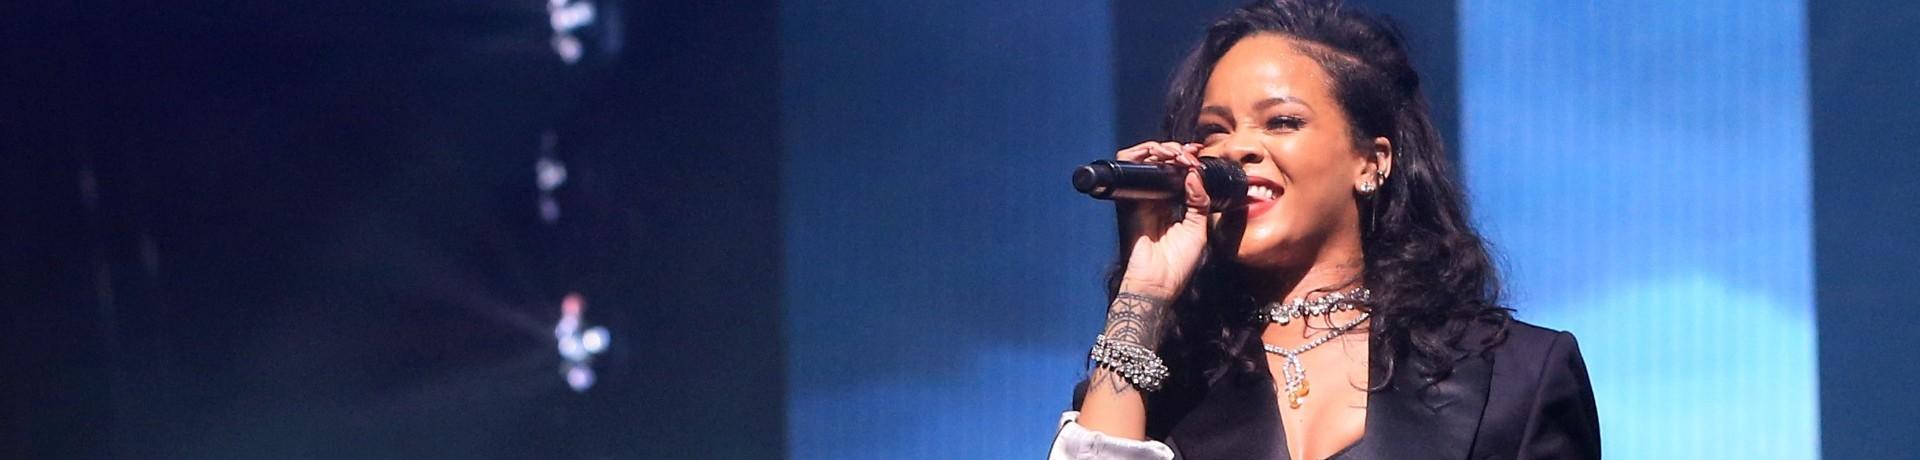 Rihanna en live (illustration)